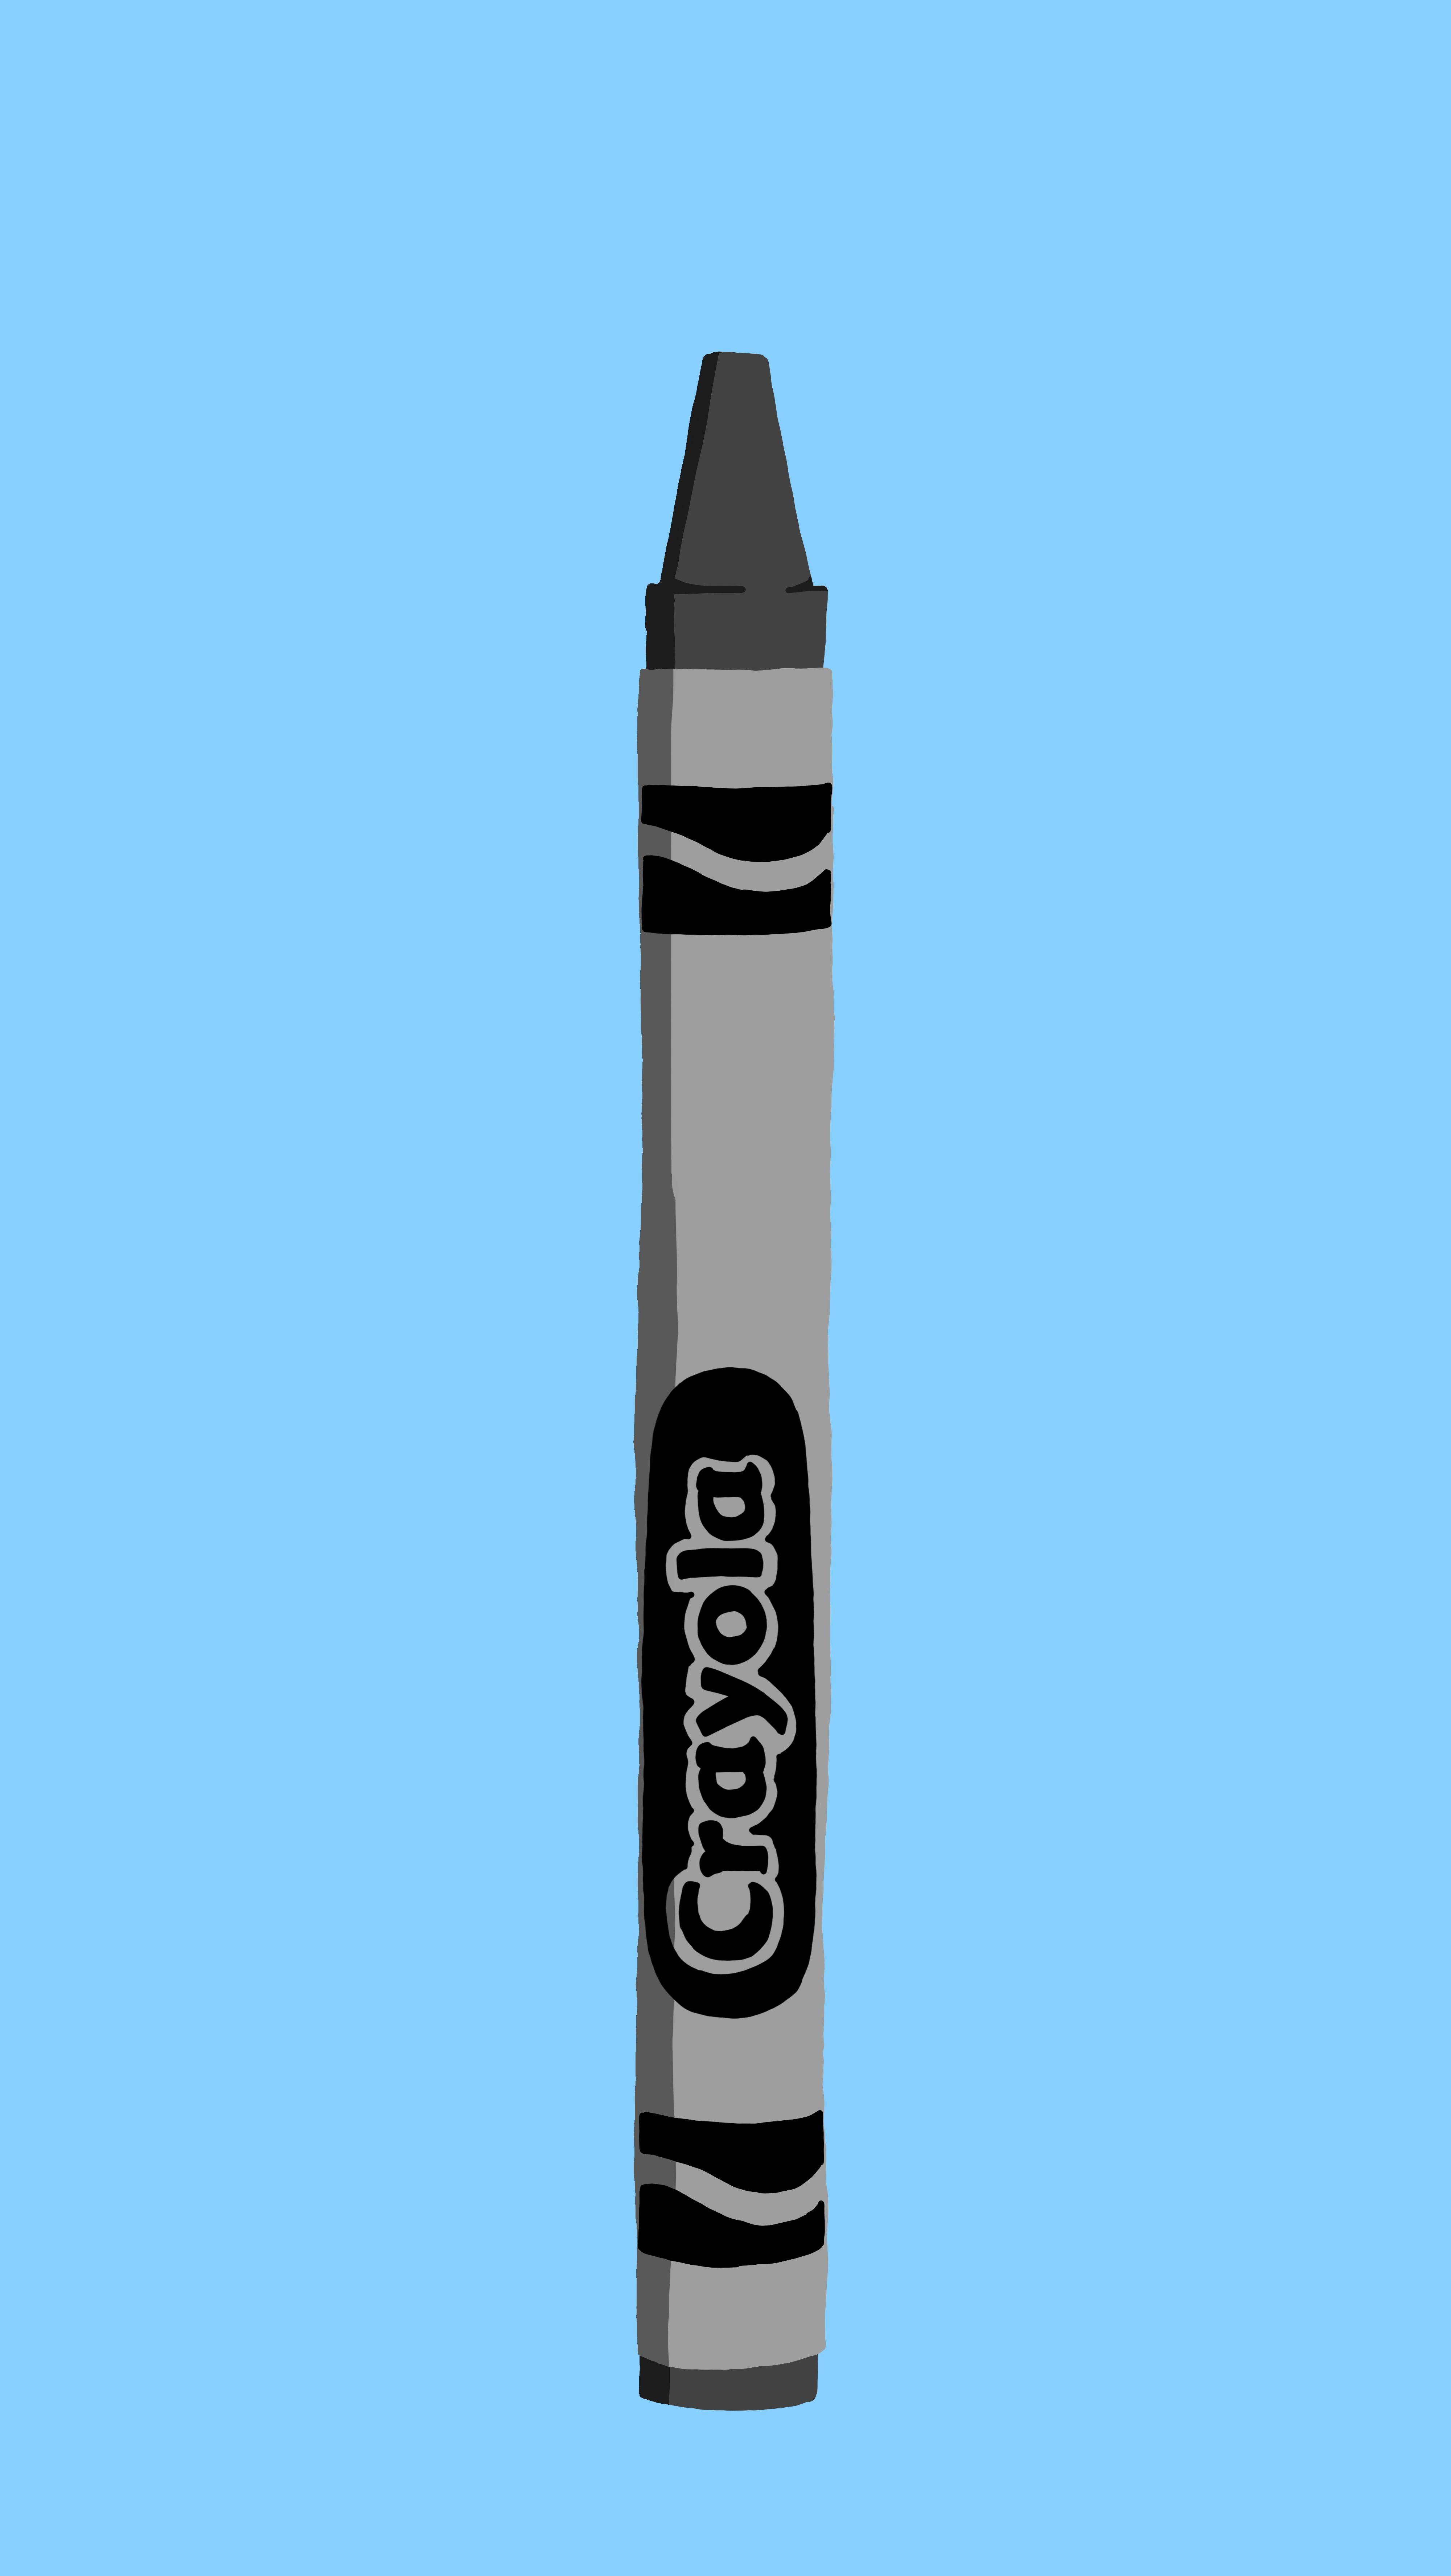 Crayola Crayon Drawing : crayola, crayon, drawing, Crayola, Crayon, Artist, Jaymie, Crayons,, Crayola,, Digital, Drawing